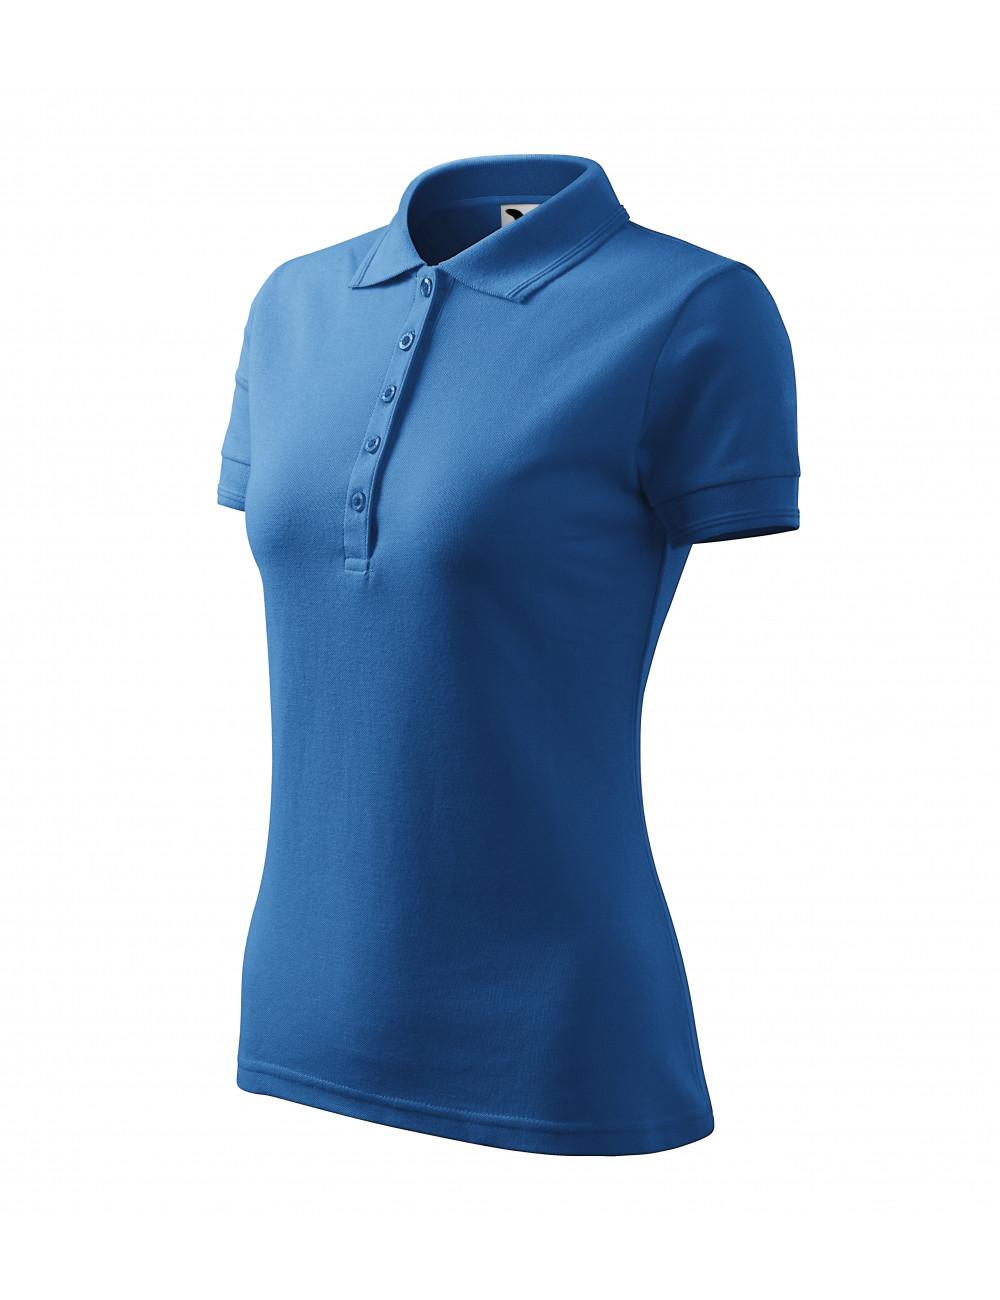 Adler MALFINI Koszulka polo damska Pique Polo 210 lazurowy